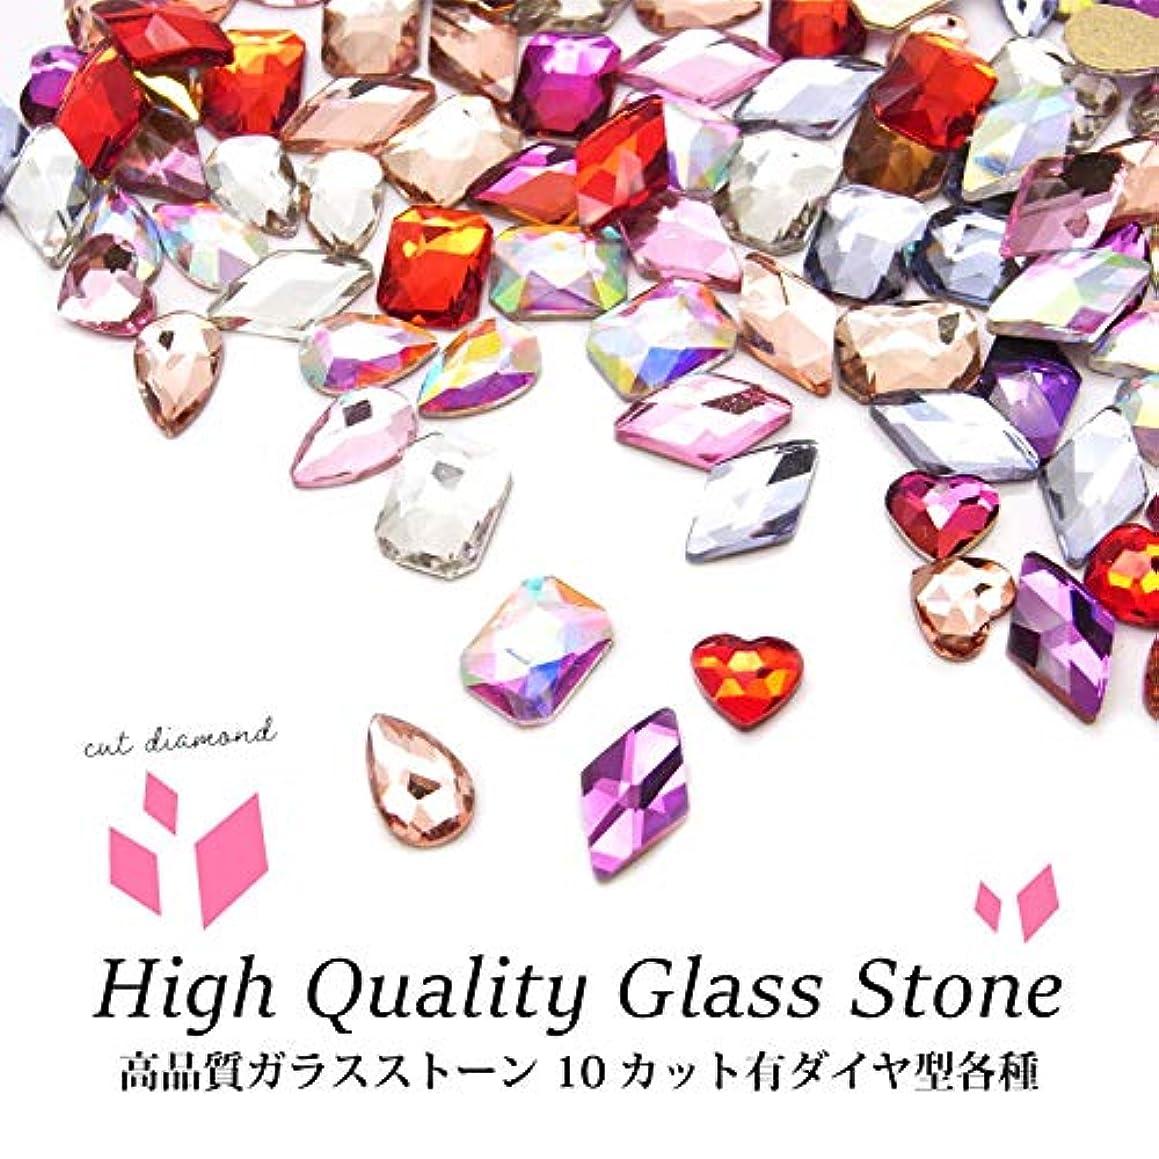 報酬電気陽性反対する高品質ガラスストーン 10 カット有ダイヤ型 各種 5個入り (2.クリスタルAB)